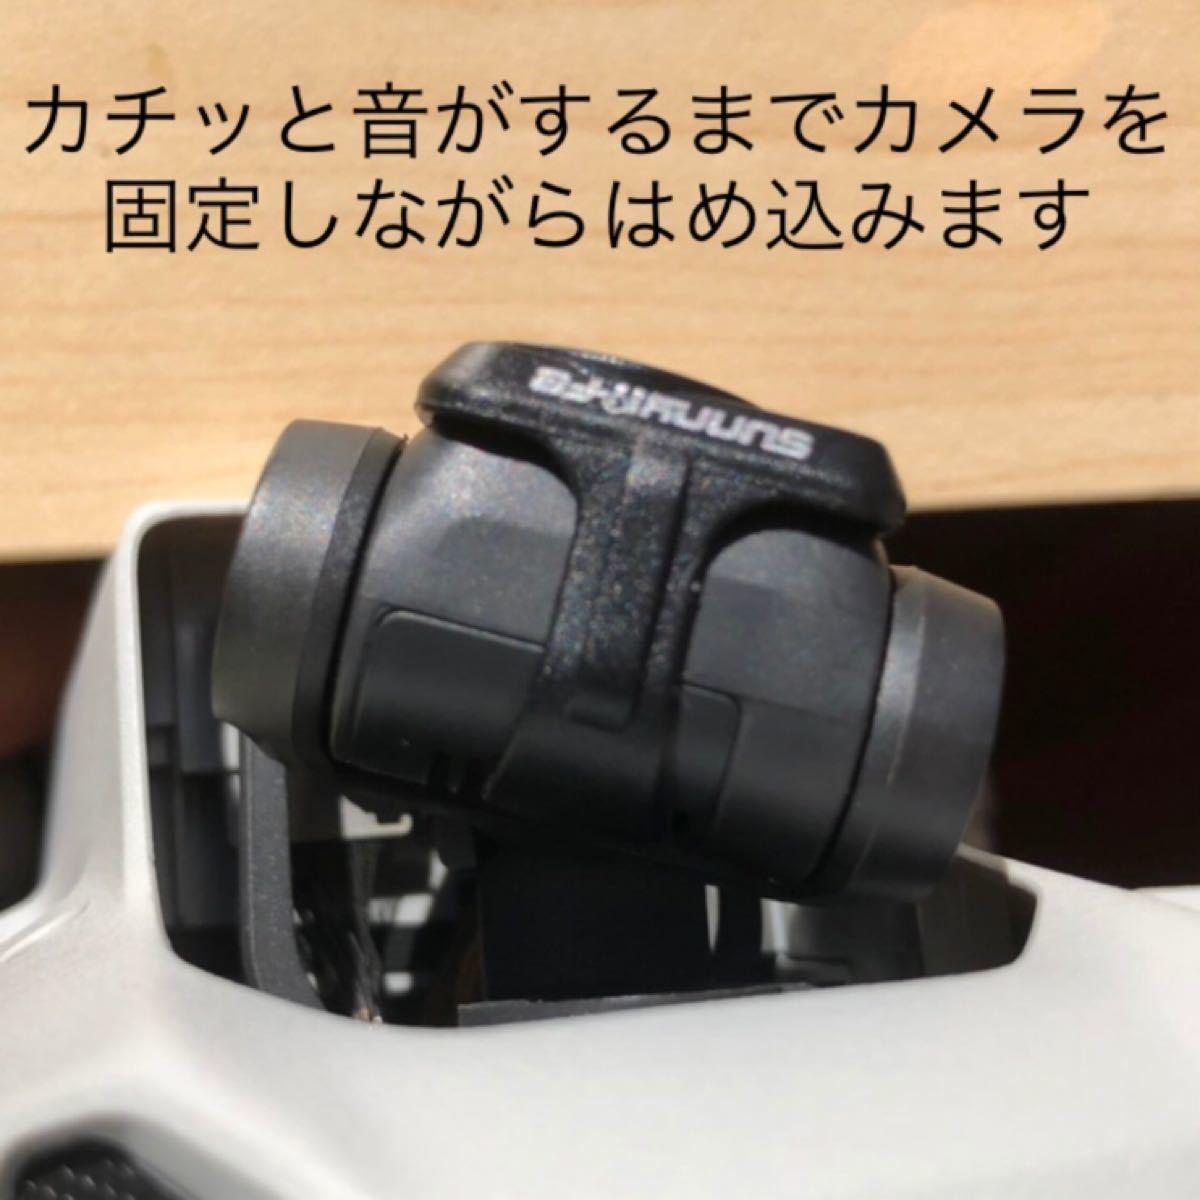 ☆ ND16 レンズ フィルター ★ DJI MAVIC MINI ★DJI MINI 2